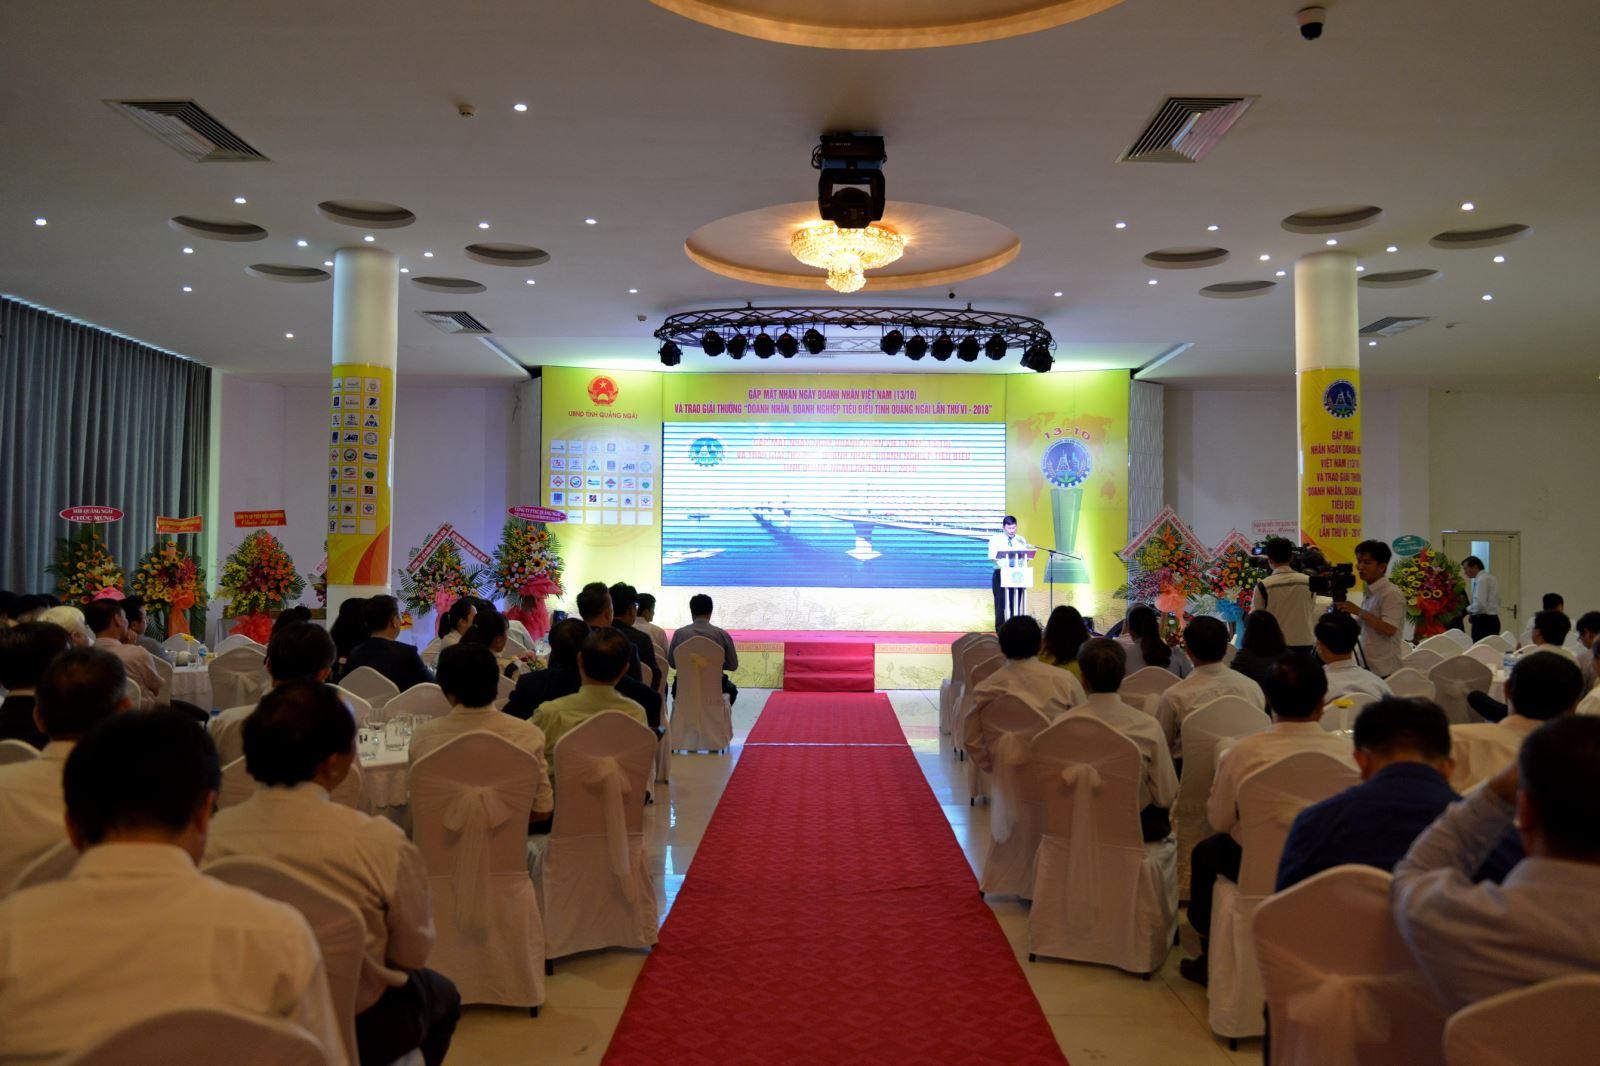 """BSR được vinh danh """" Doanh nghiệp đóng góp tích cực vào sự phát triển kinh tế - xã hội tỉnh Quảng Ngãi năm 2018"""""""